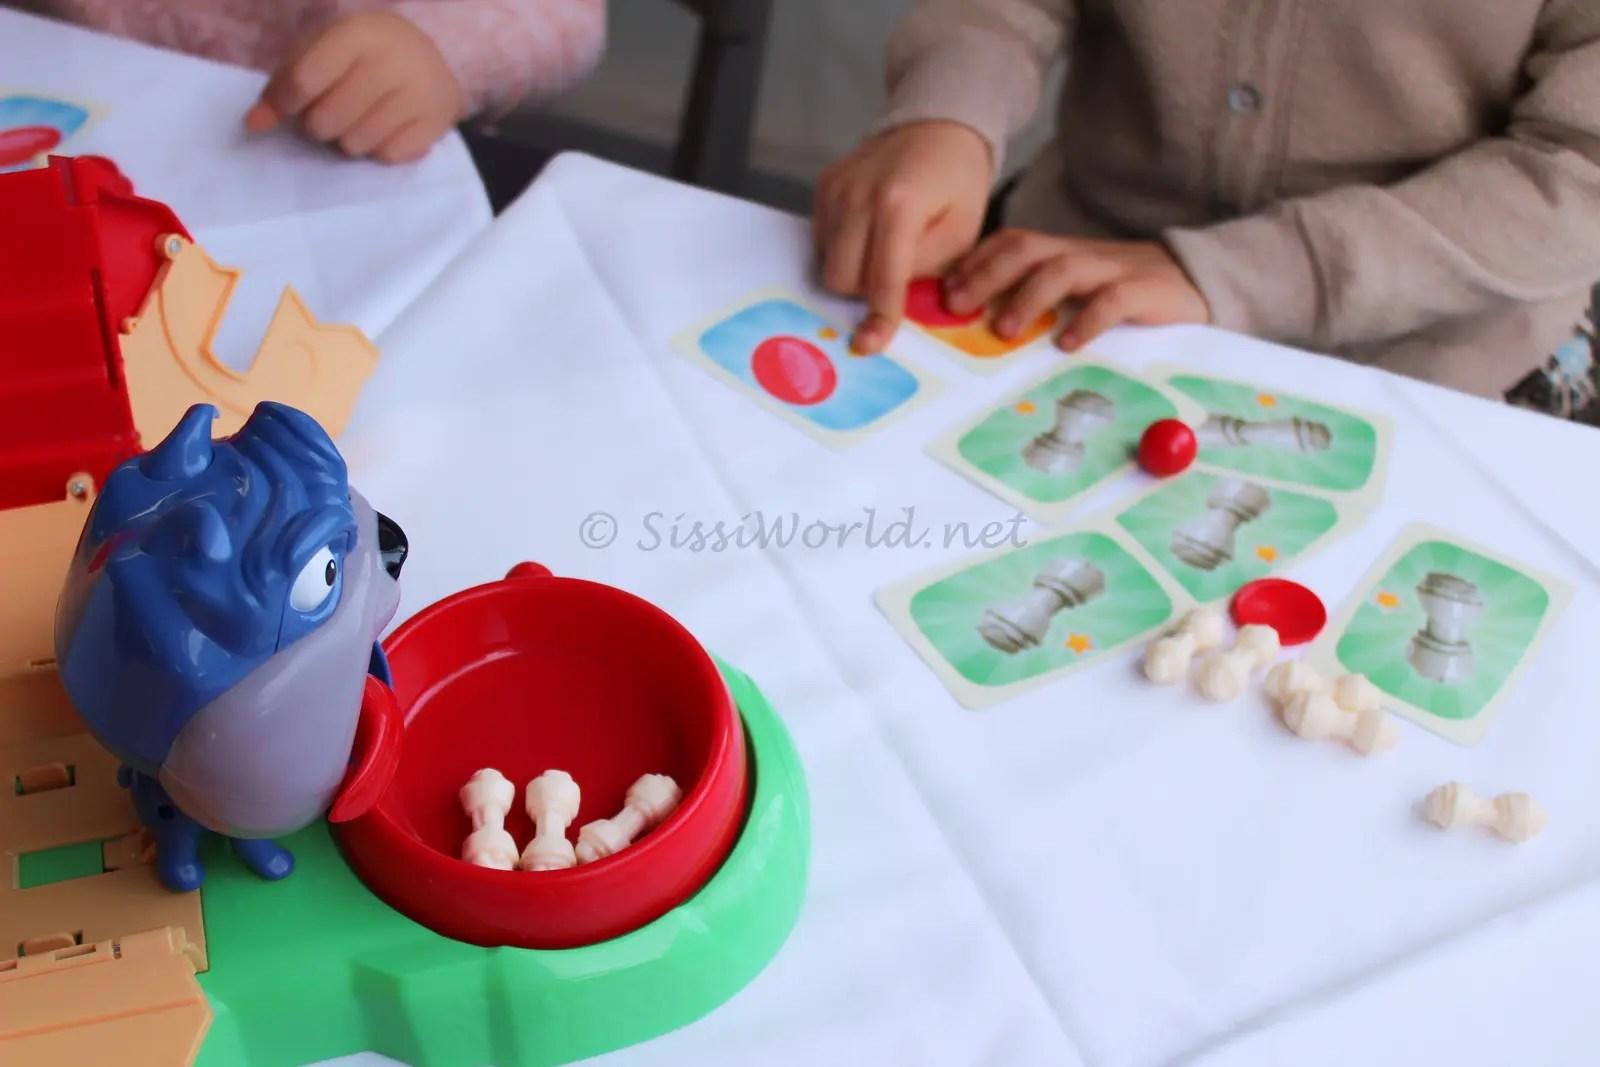 Giochi Per Bambini Da Fare In Casa Il Divertimento In